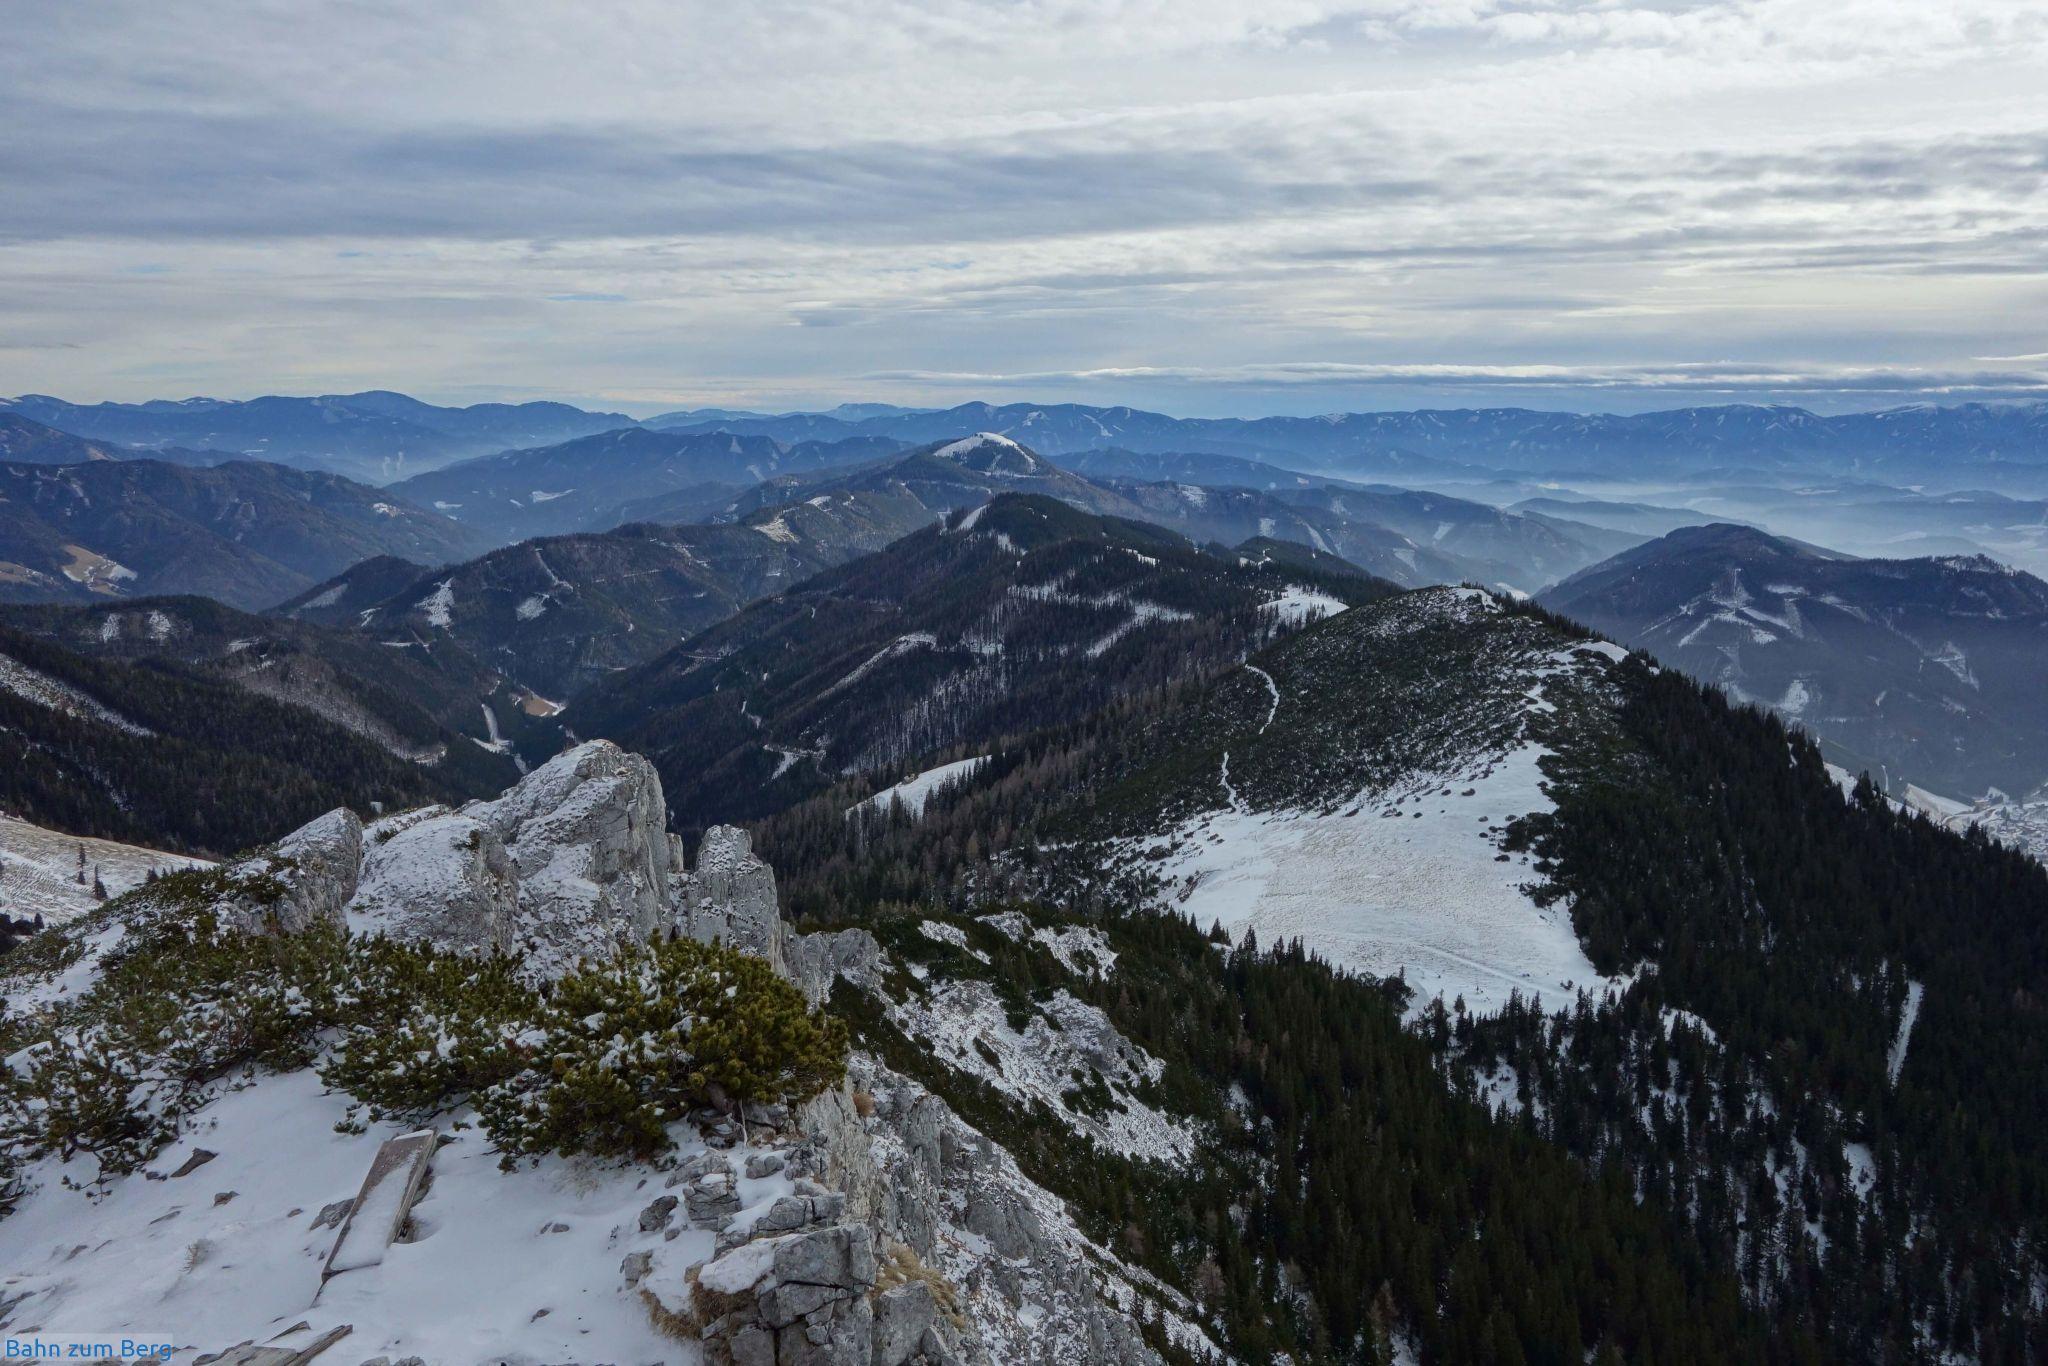 Vom Gipfel der Leobner Mauer aus sieht man fast den ganzen Weg über den Kohlbergrücken bis nach Vordernberg.